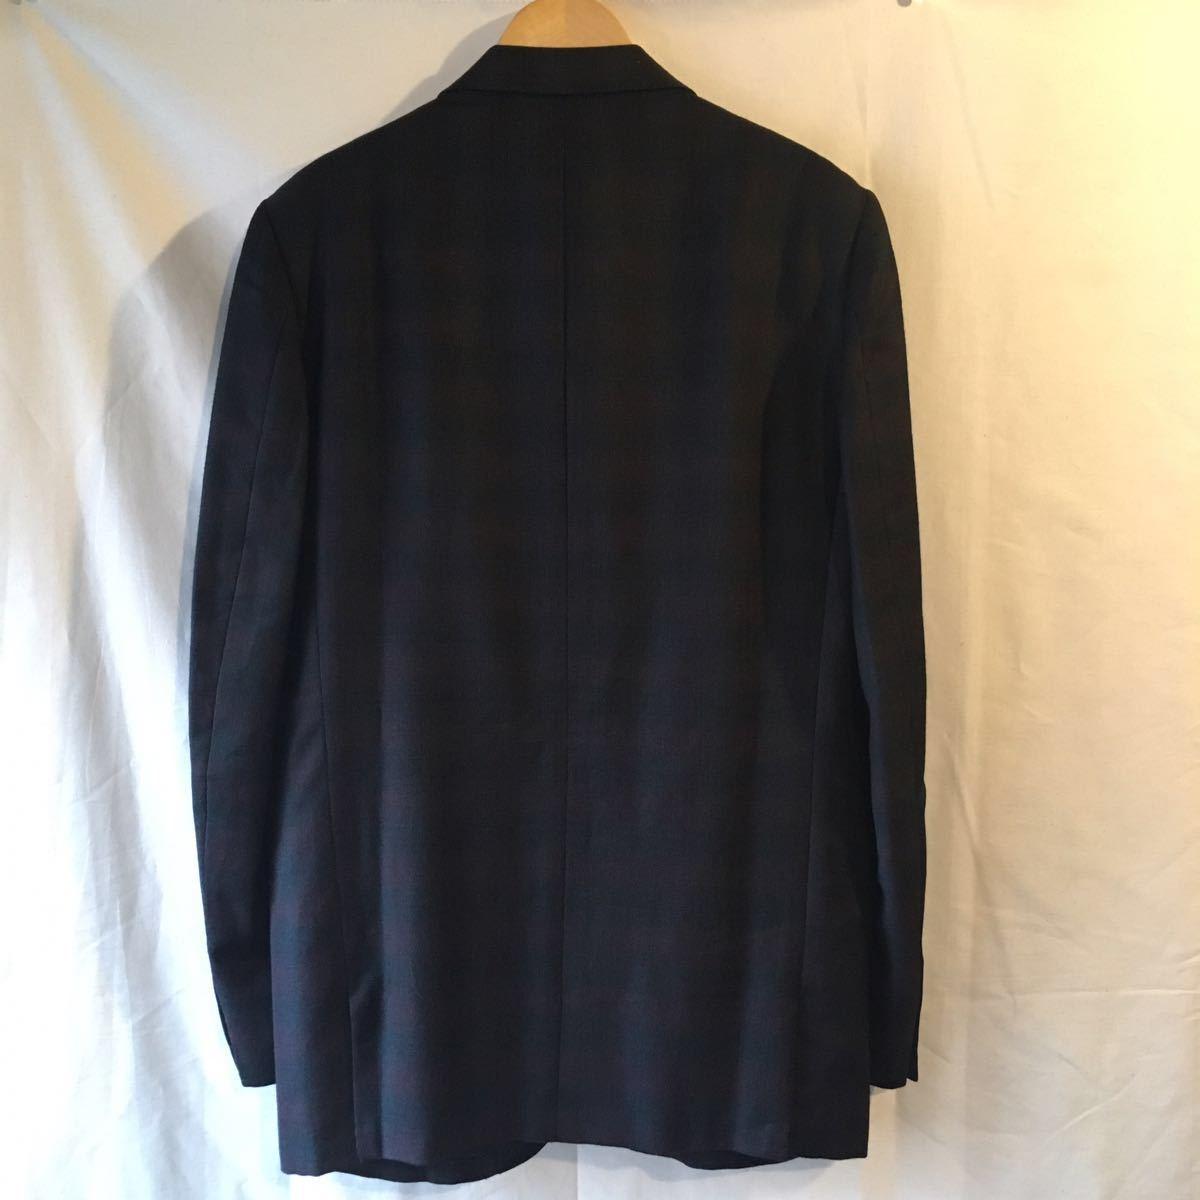 1960's オンブレ ビンテージ テーラードジャケット HAMPTON HEATH シャドーチェック モッズ アイビー UK 黒 ブラック 50s 70s_画像5